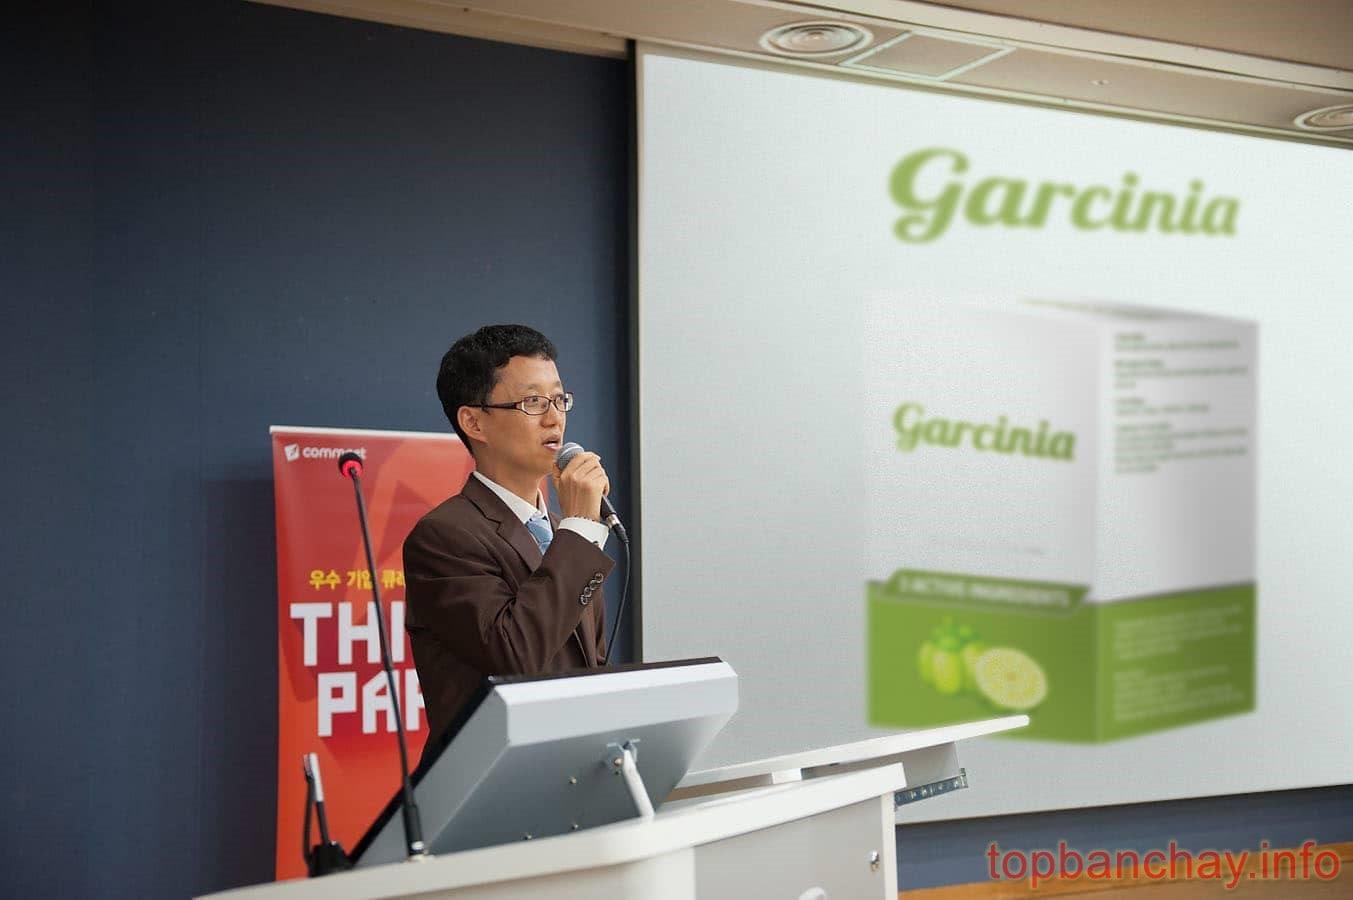 Garcinia có an toàn không